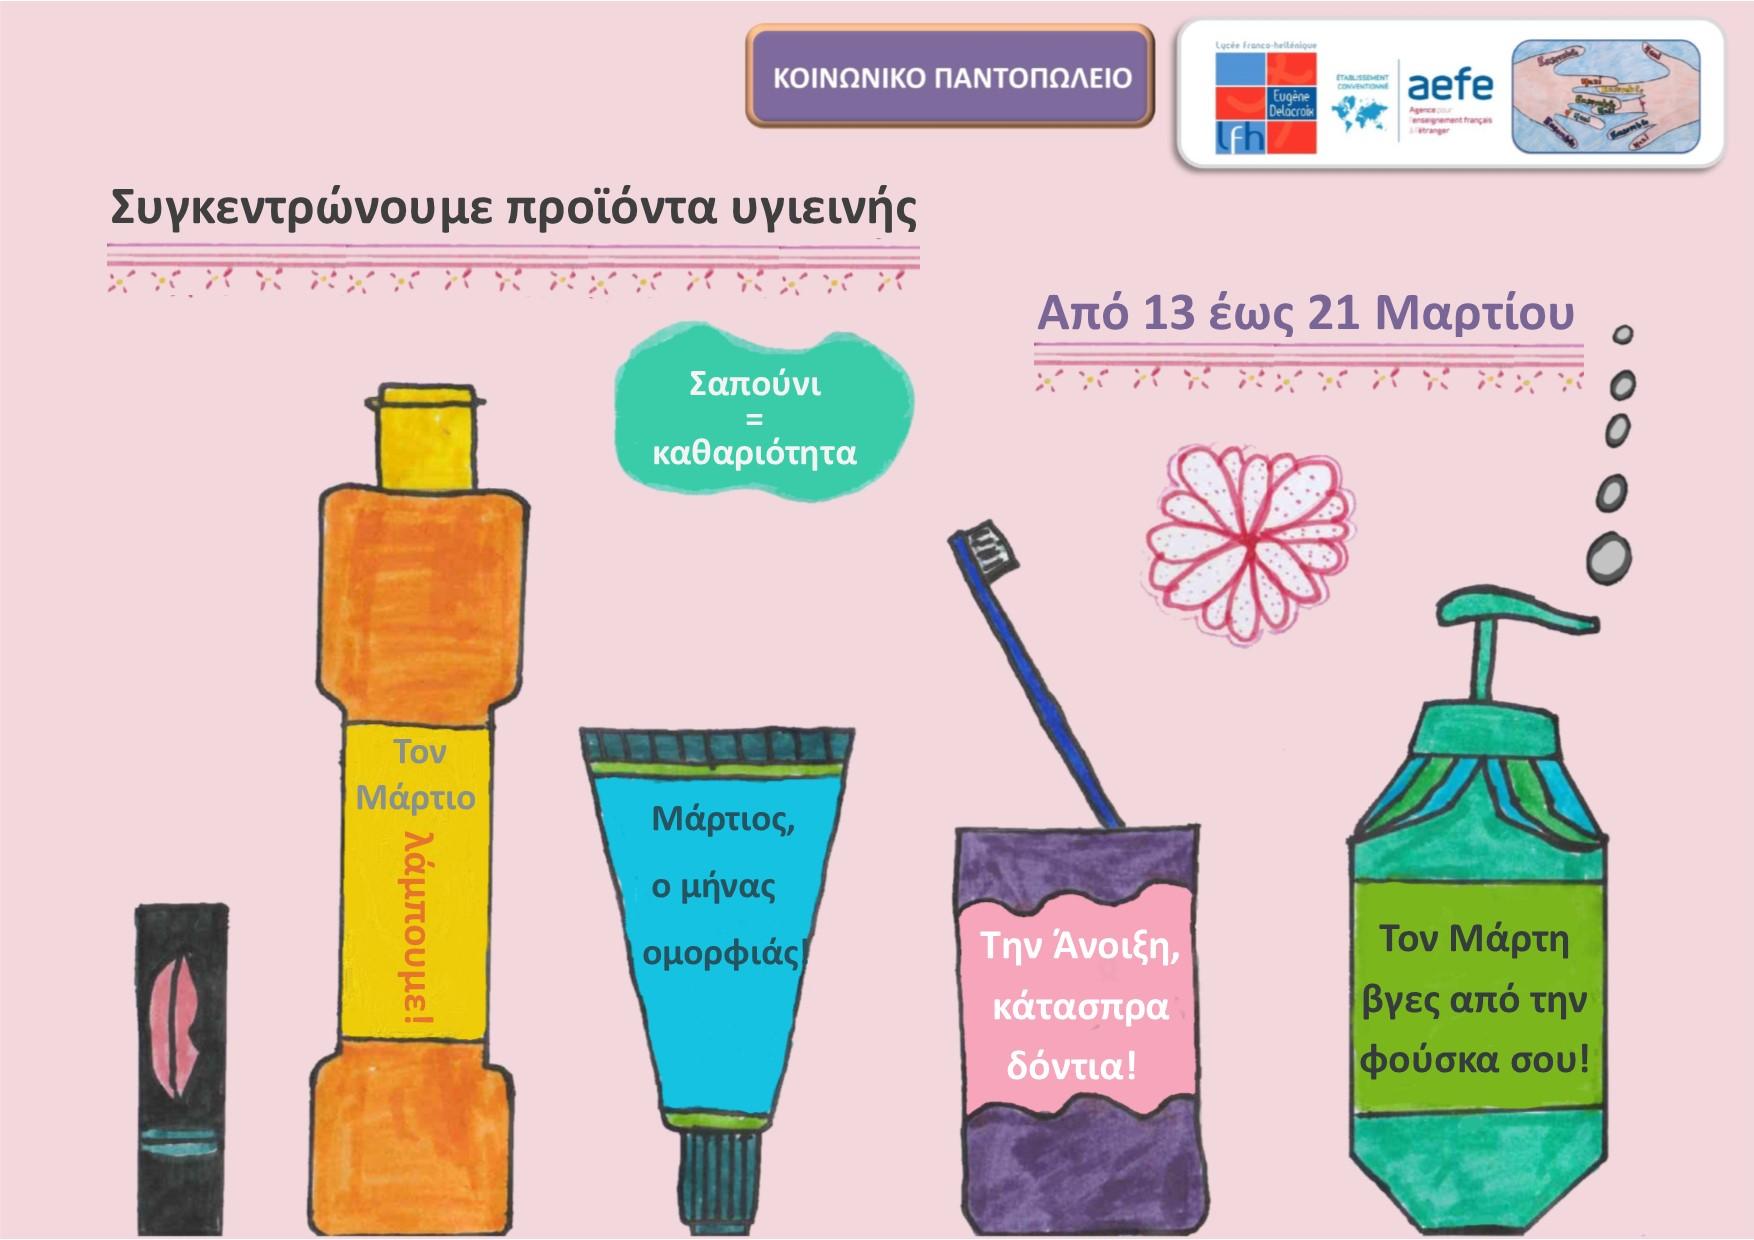 Κοινωνικό παντοπωλείο : συλλέγουμε προϊόντα για το Μάρτιο-1